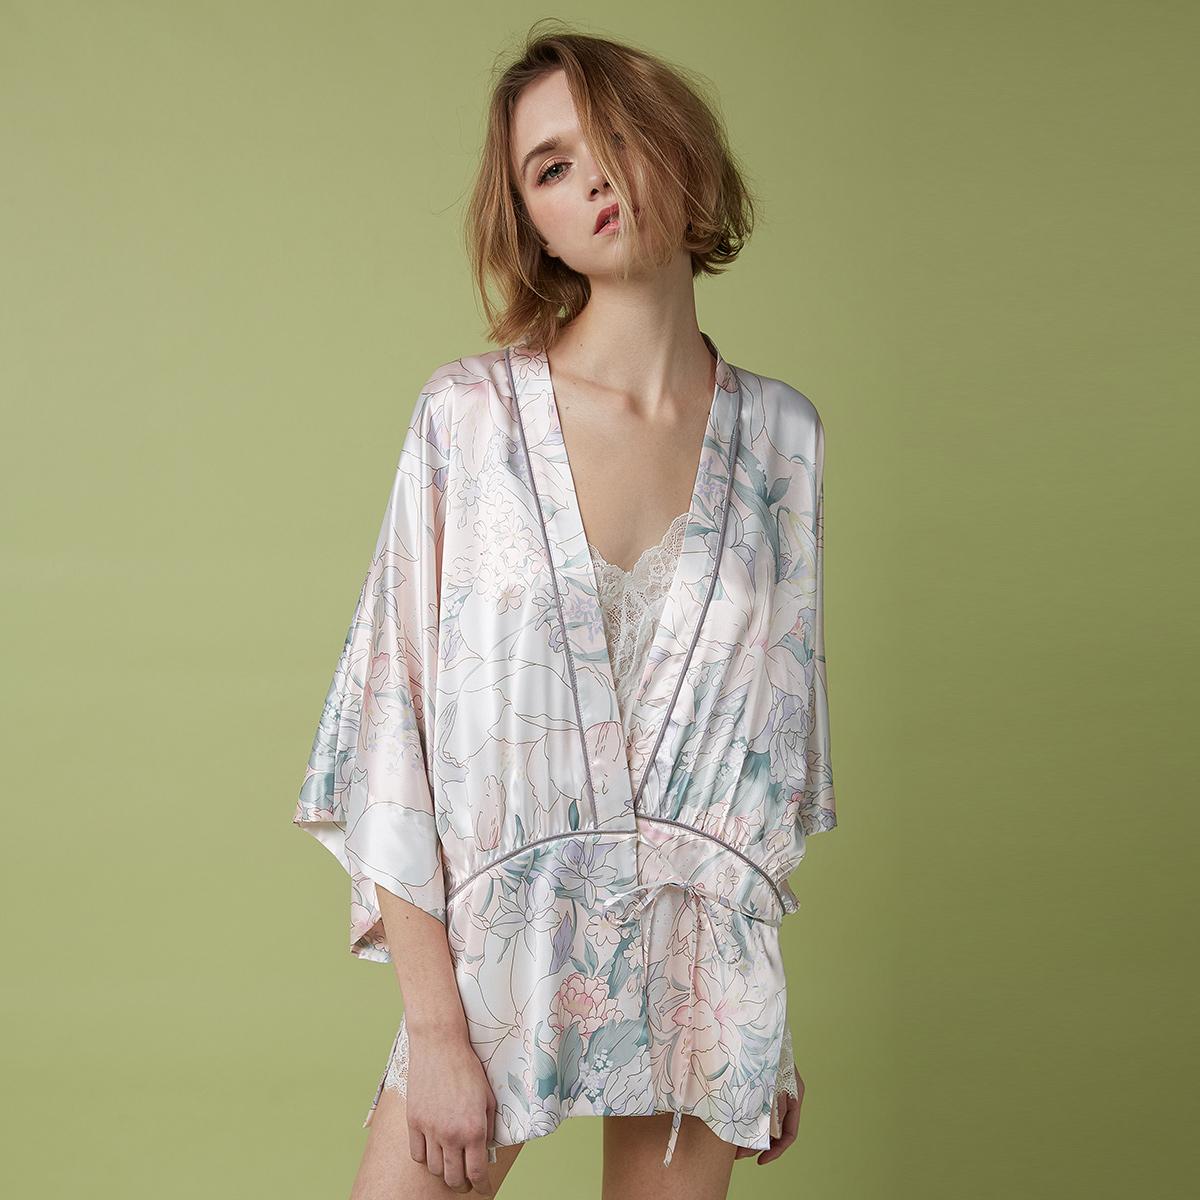 PJM новая весна и лето должен спать платье женщина смысл свободный кимоно стиль отпечатано в рукав открытый рубашка пижама домой одежда халаты